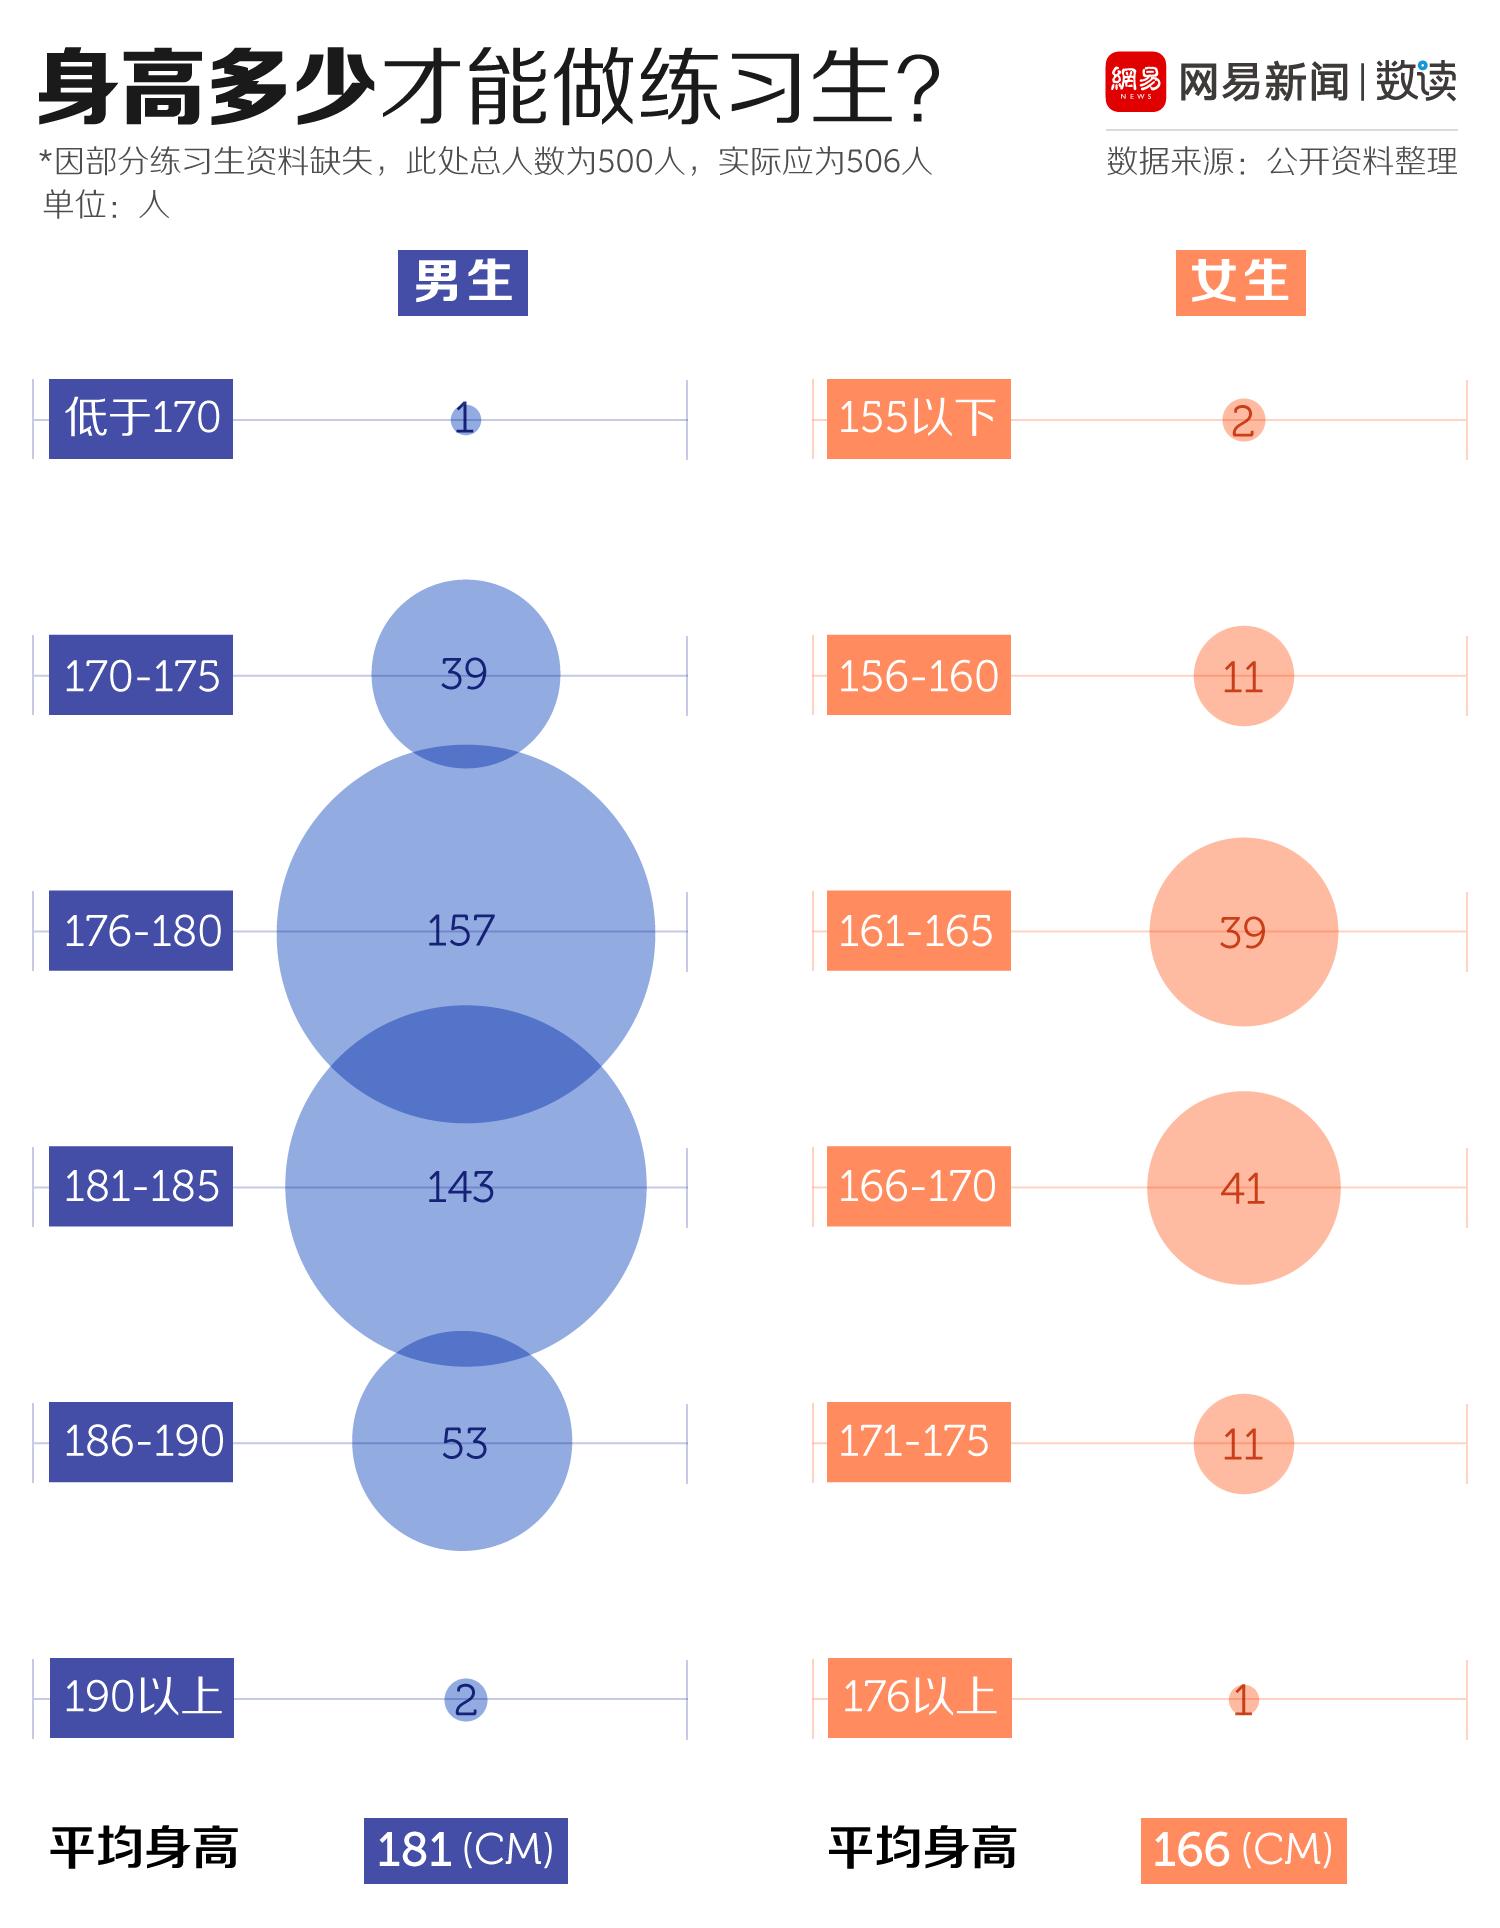 男女团选秀这么多,中国哪里最盛产练习生?